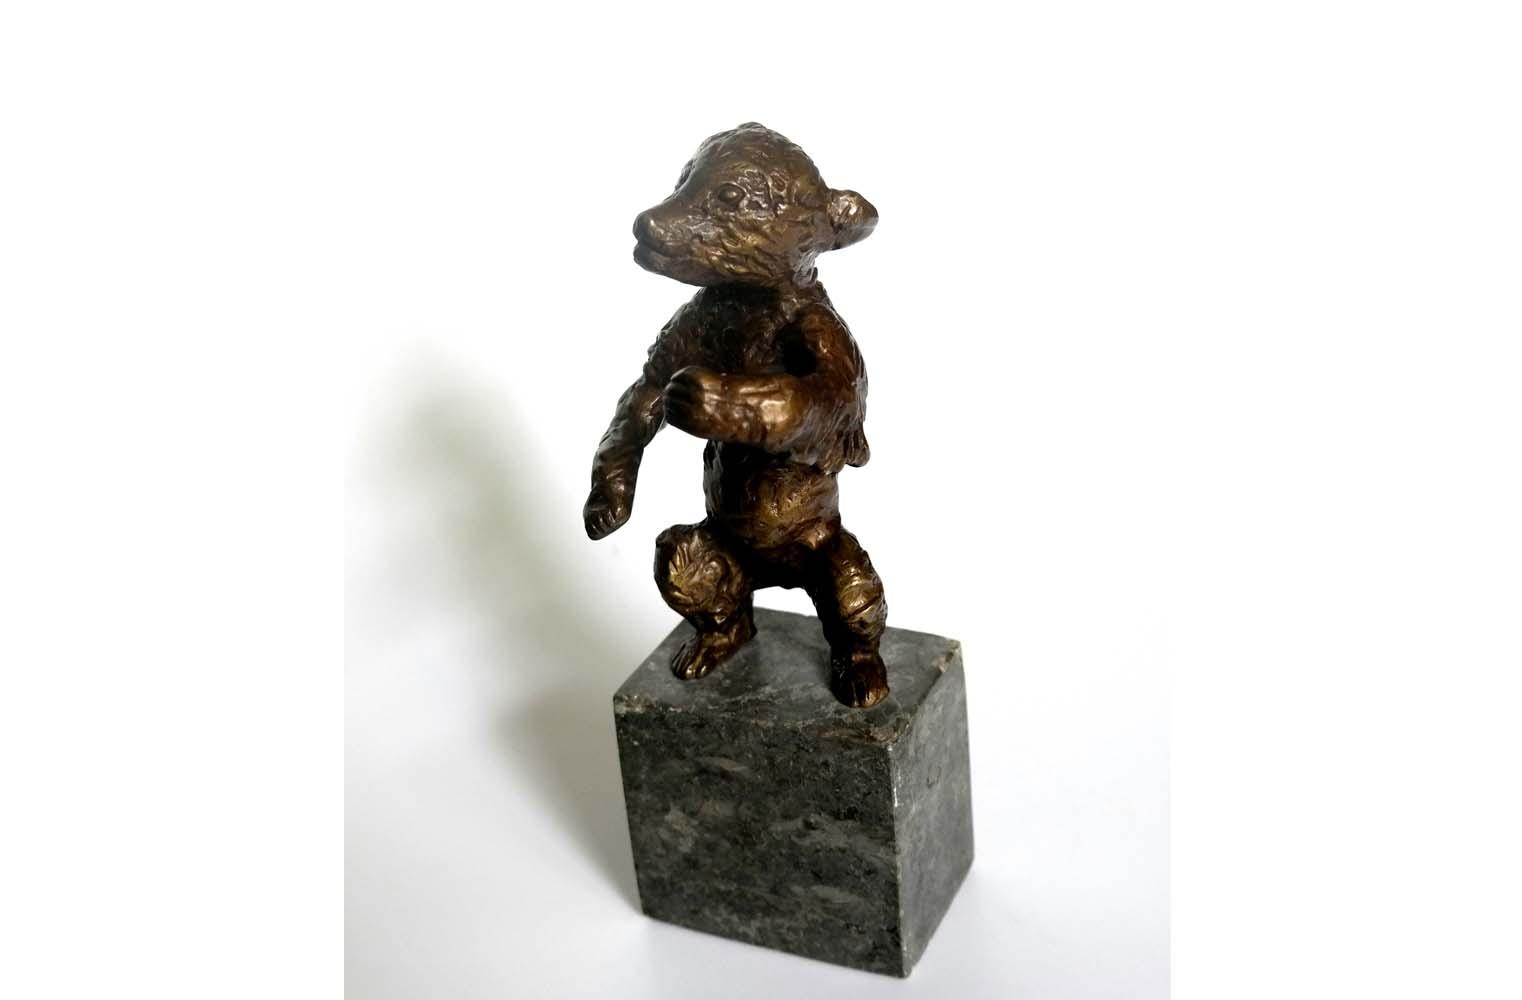 """Renee Sintenis """" Junger Bär """", Bronze 1932, Signatur: RS, Buhlmann 226 - Berger / Ladwig 135, Gießerstempel: Noak Berlin, H. 13,5 cm, 8.500 €"""